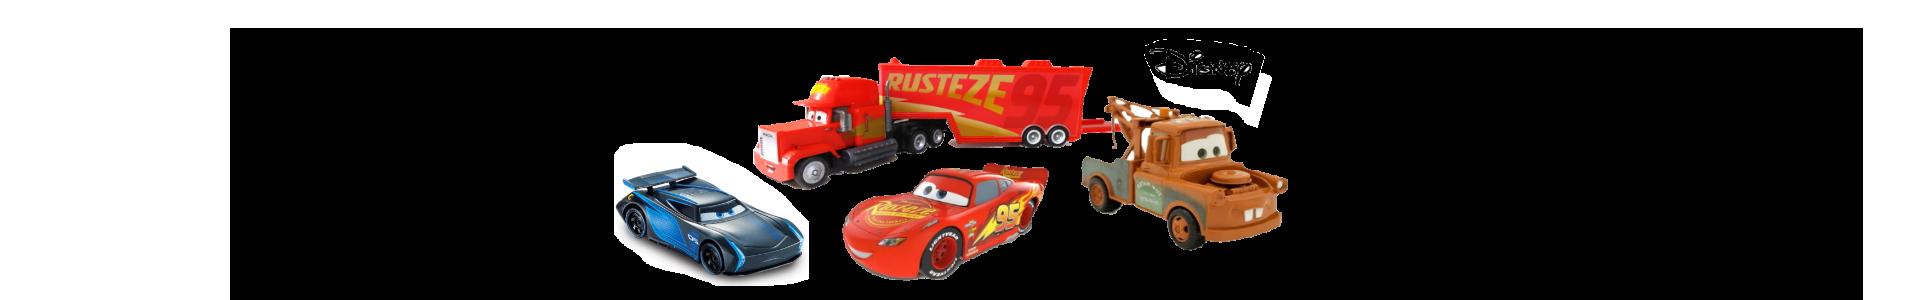 carros 3 - disney pixar